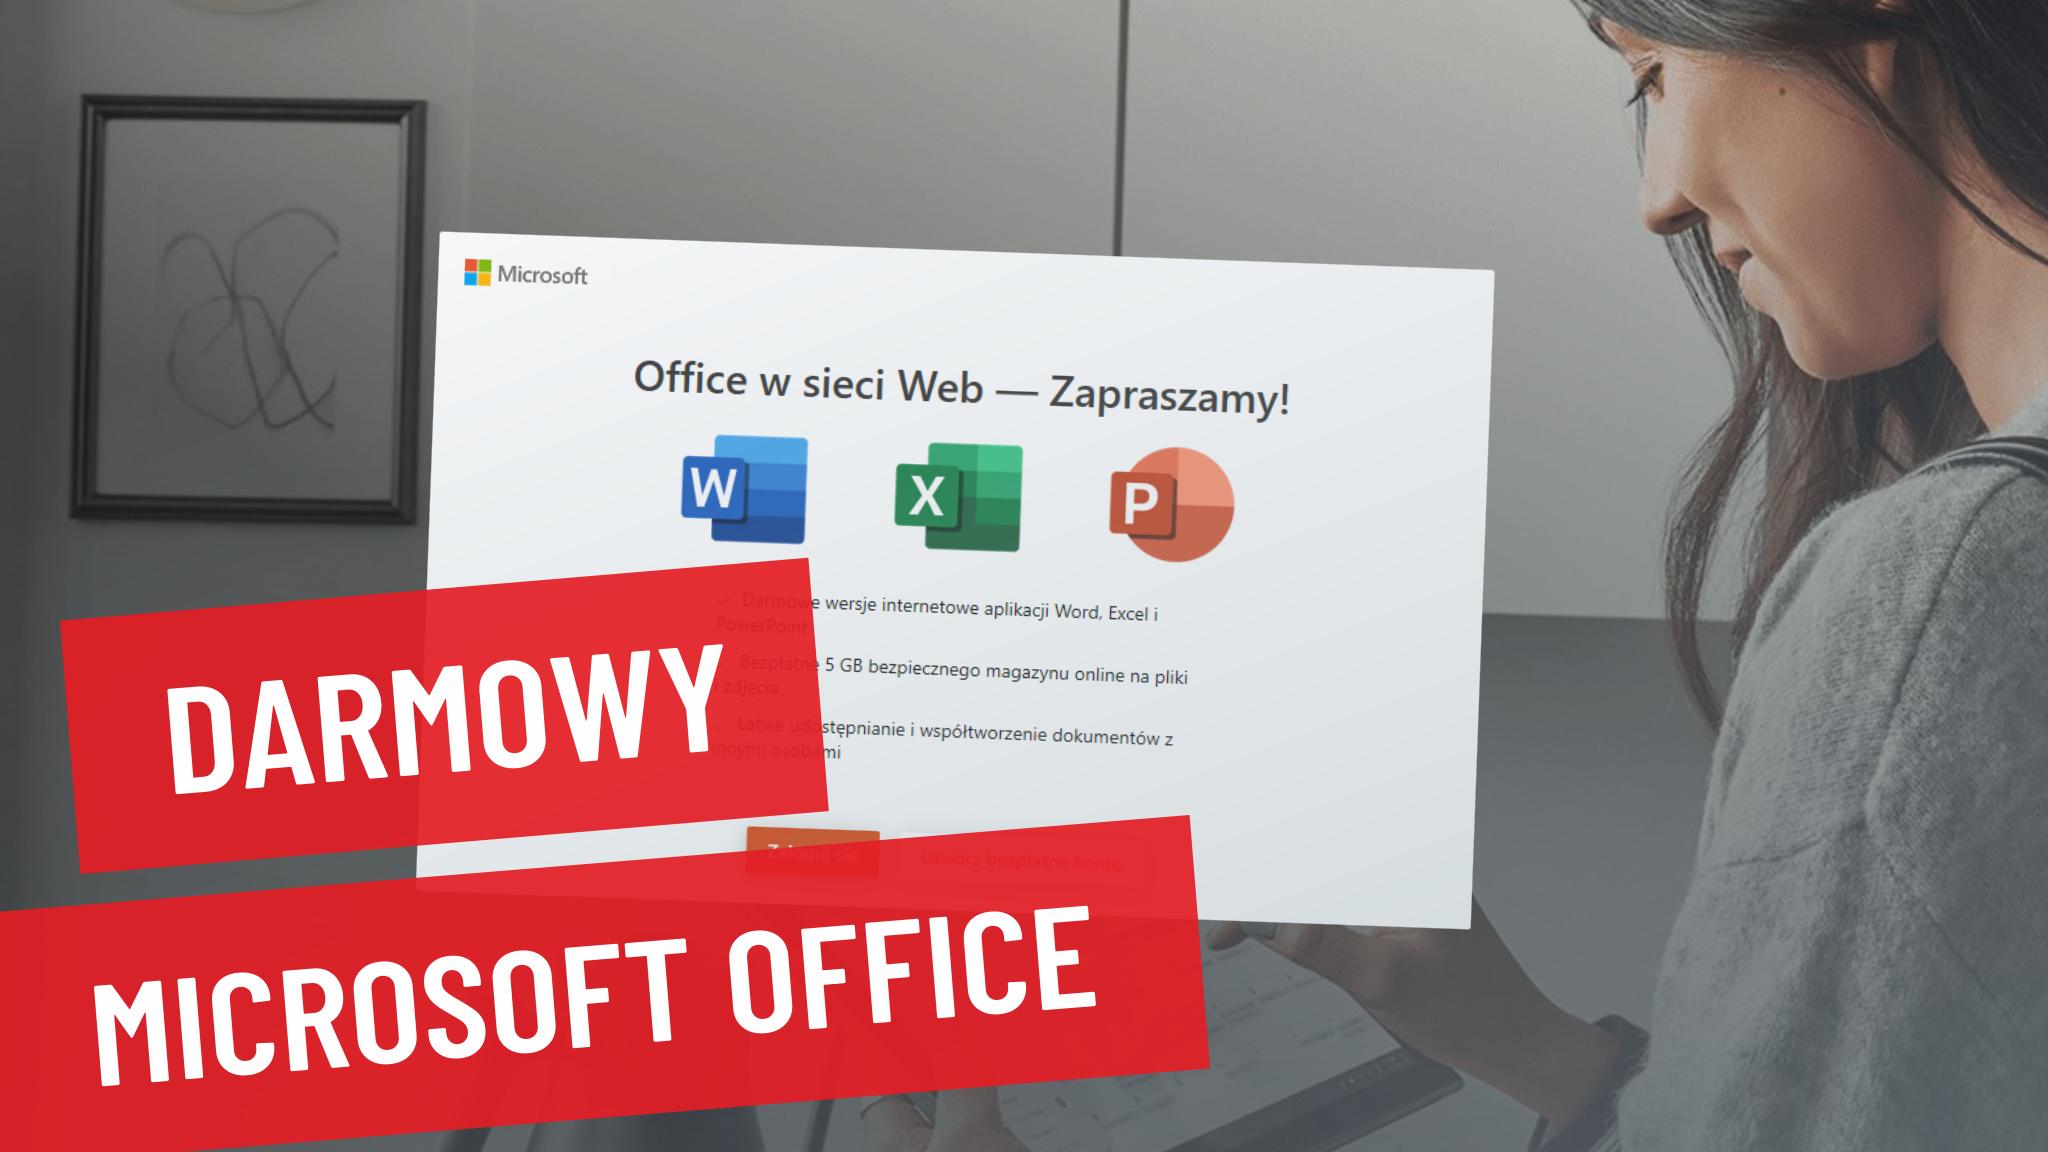 Microsoft Word w Windows 10! Jak korzystać za darmo online? Office/Web Office